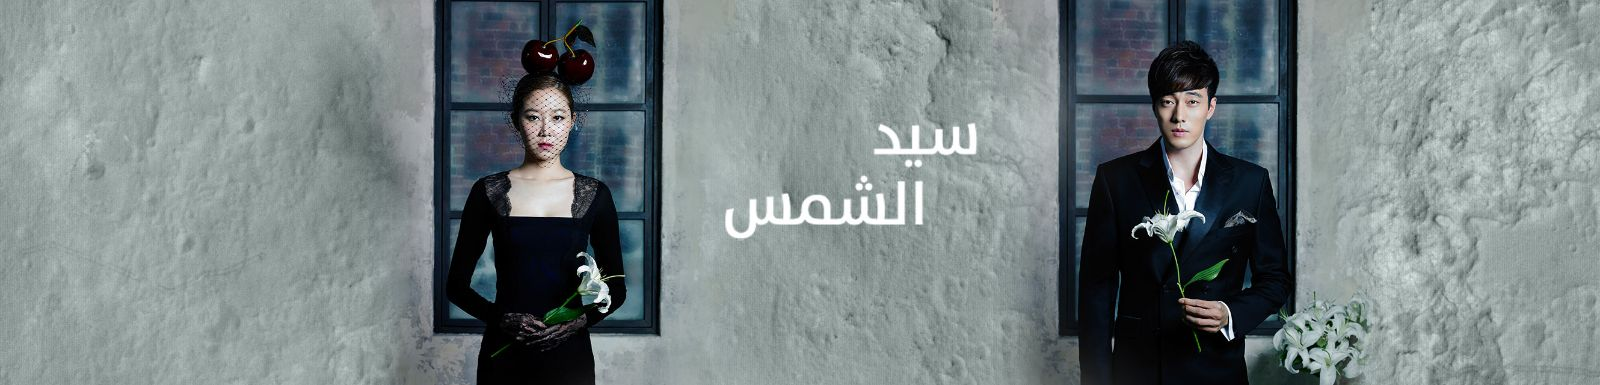 قصة وأحداث مسلسل سيد الشمس 2015 على mbc4